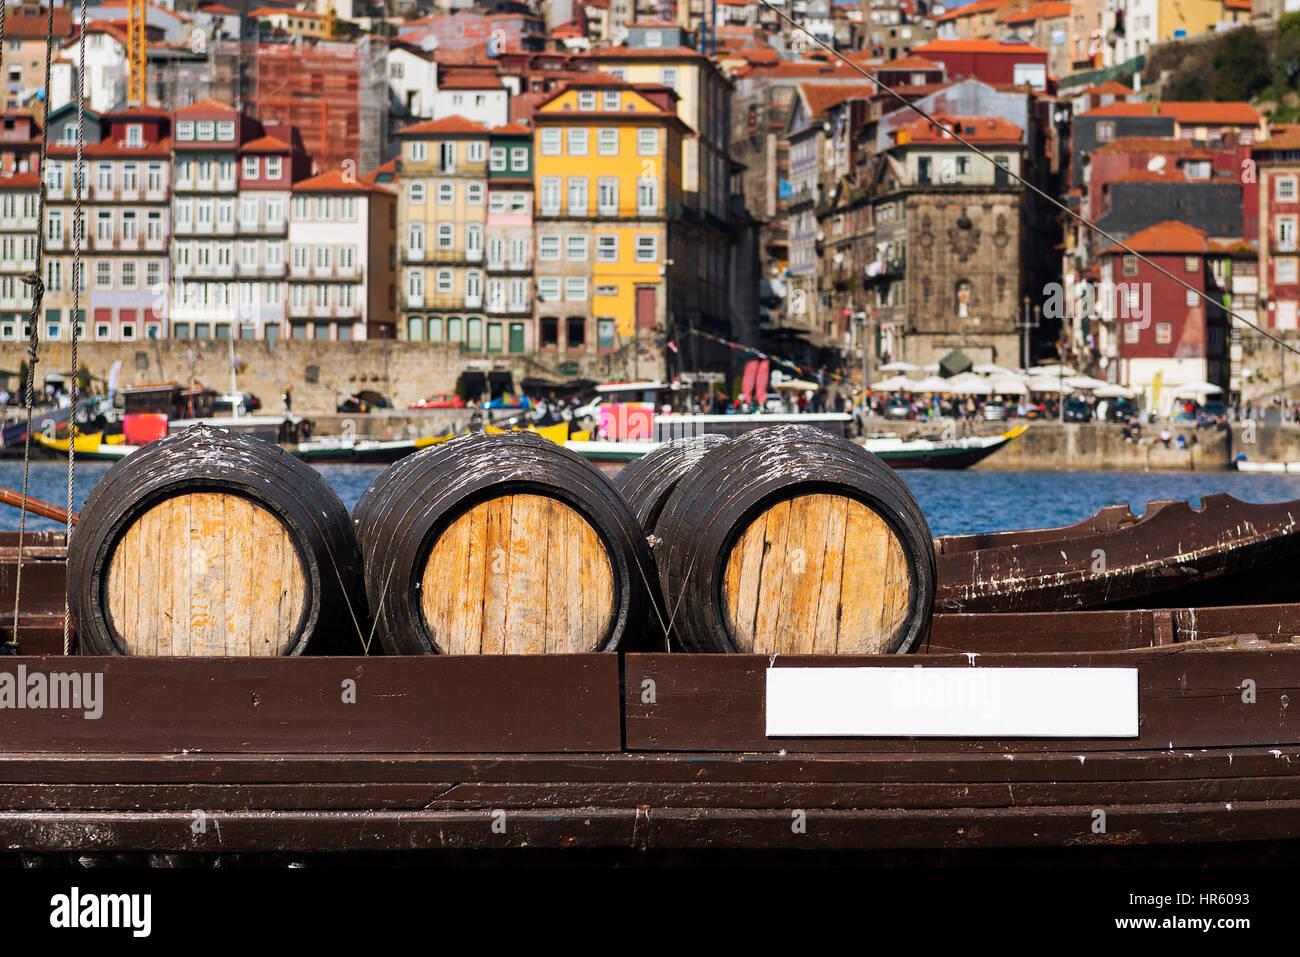 Detail des Portweins Fässer in einem Boot in den Fluss Douro mit der Stadt Porto im Hintergrund Stockbild